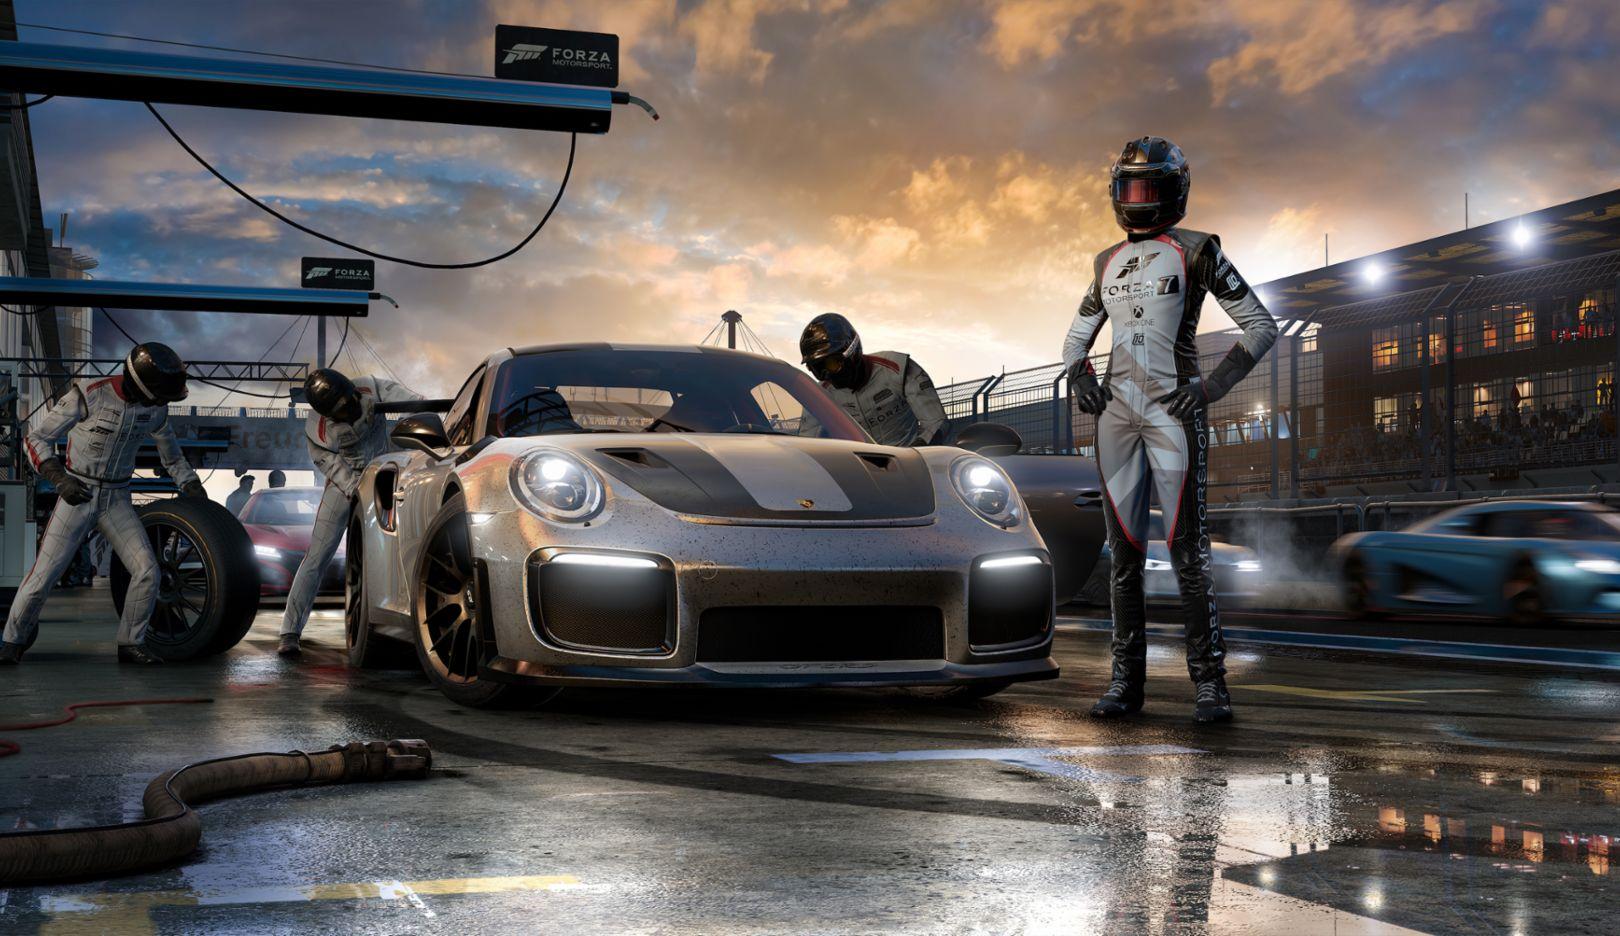 b5b5aa080d9 911 GT2 RS, Forza Motorsport 7, 2017, Porsche AG